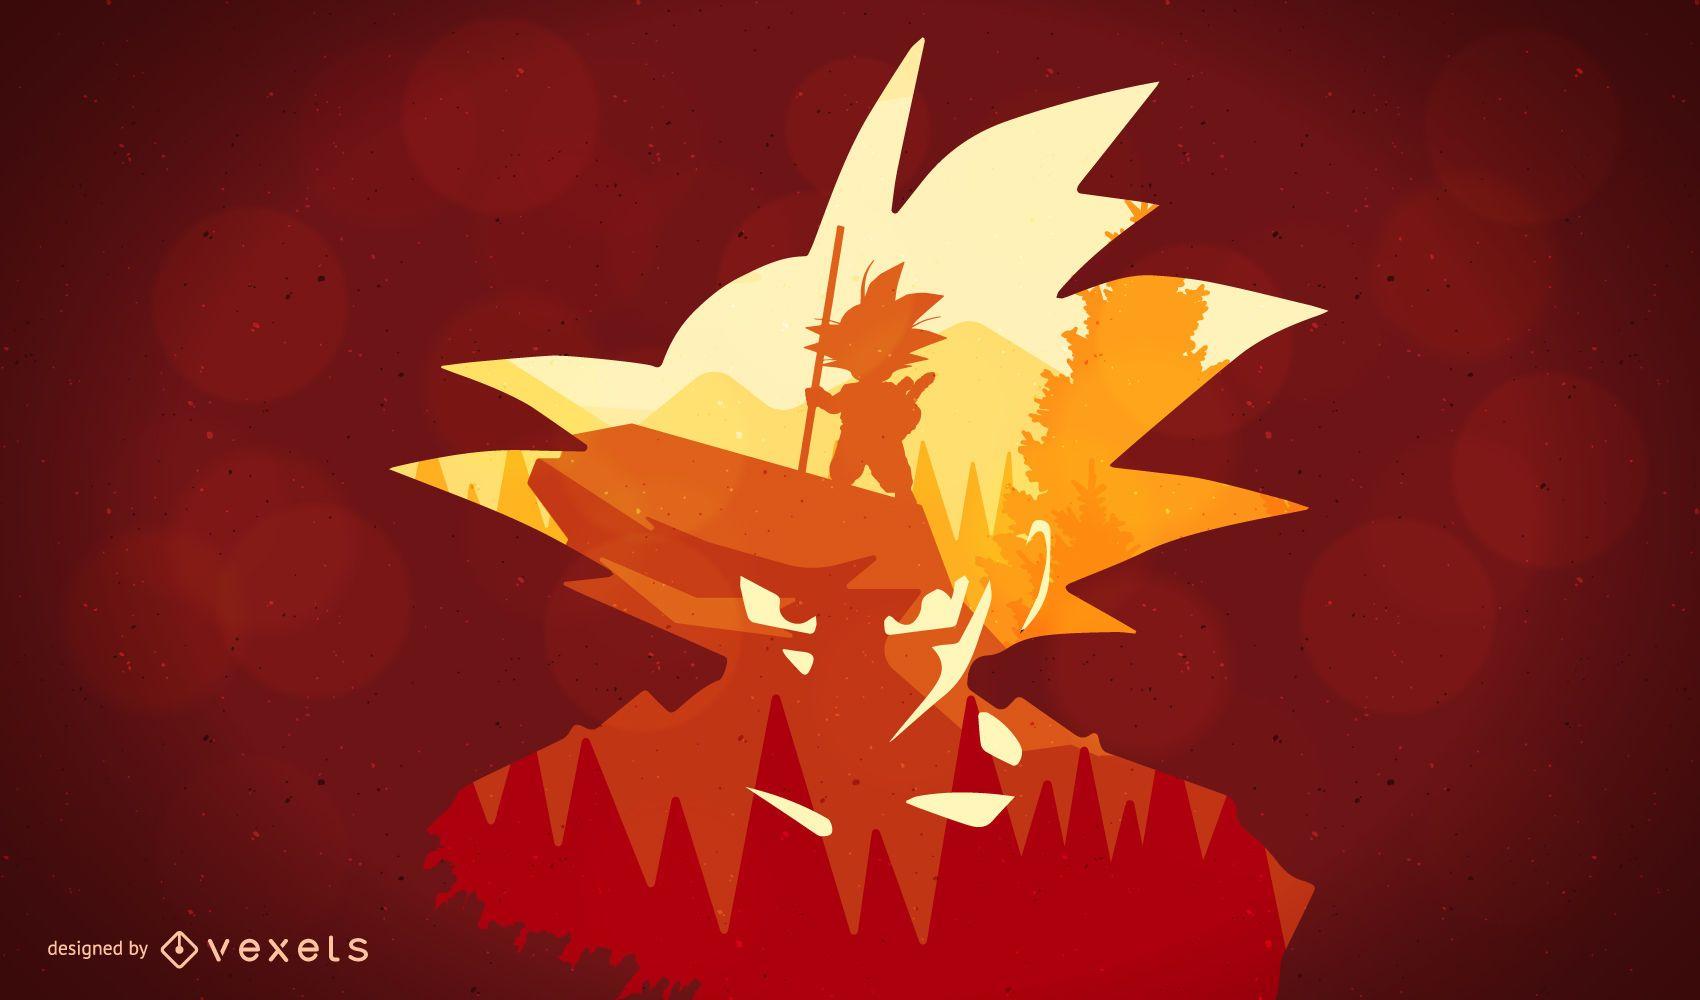 Dragon Ball silueta ilustración - Descargar vector